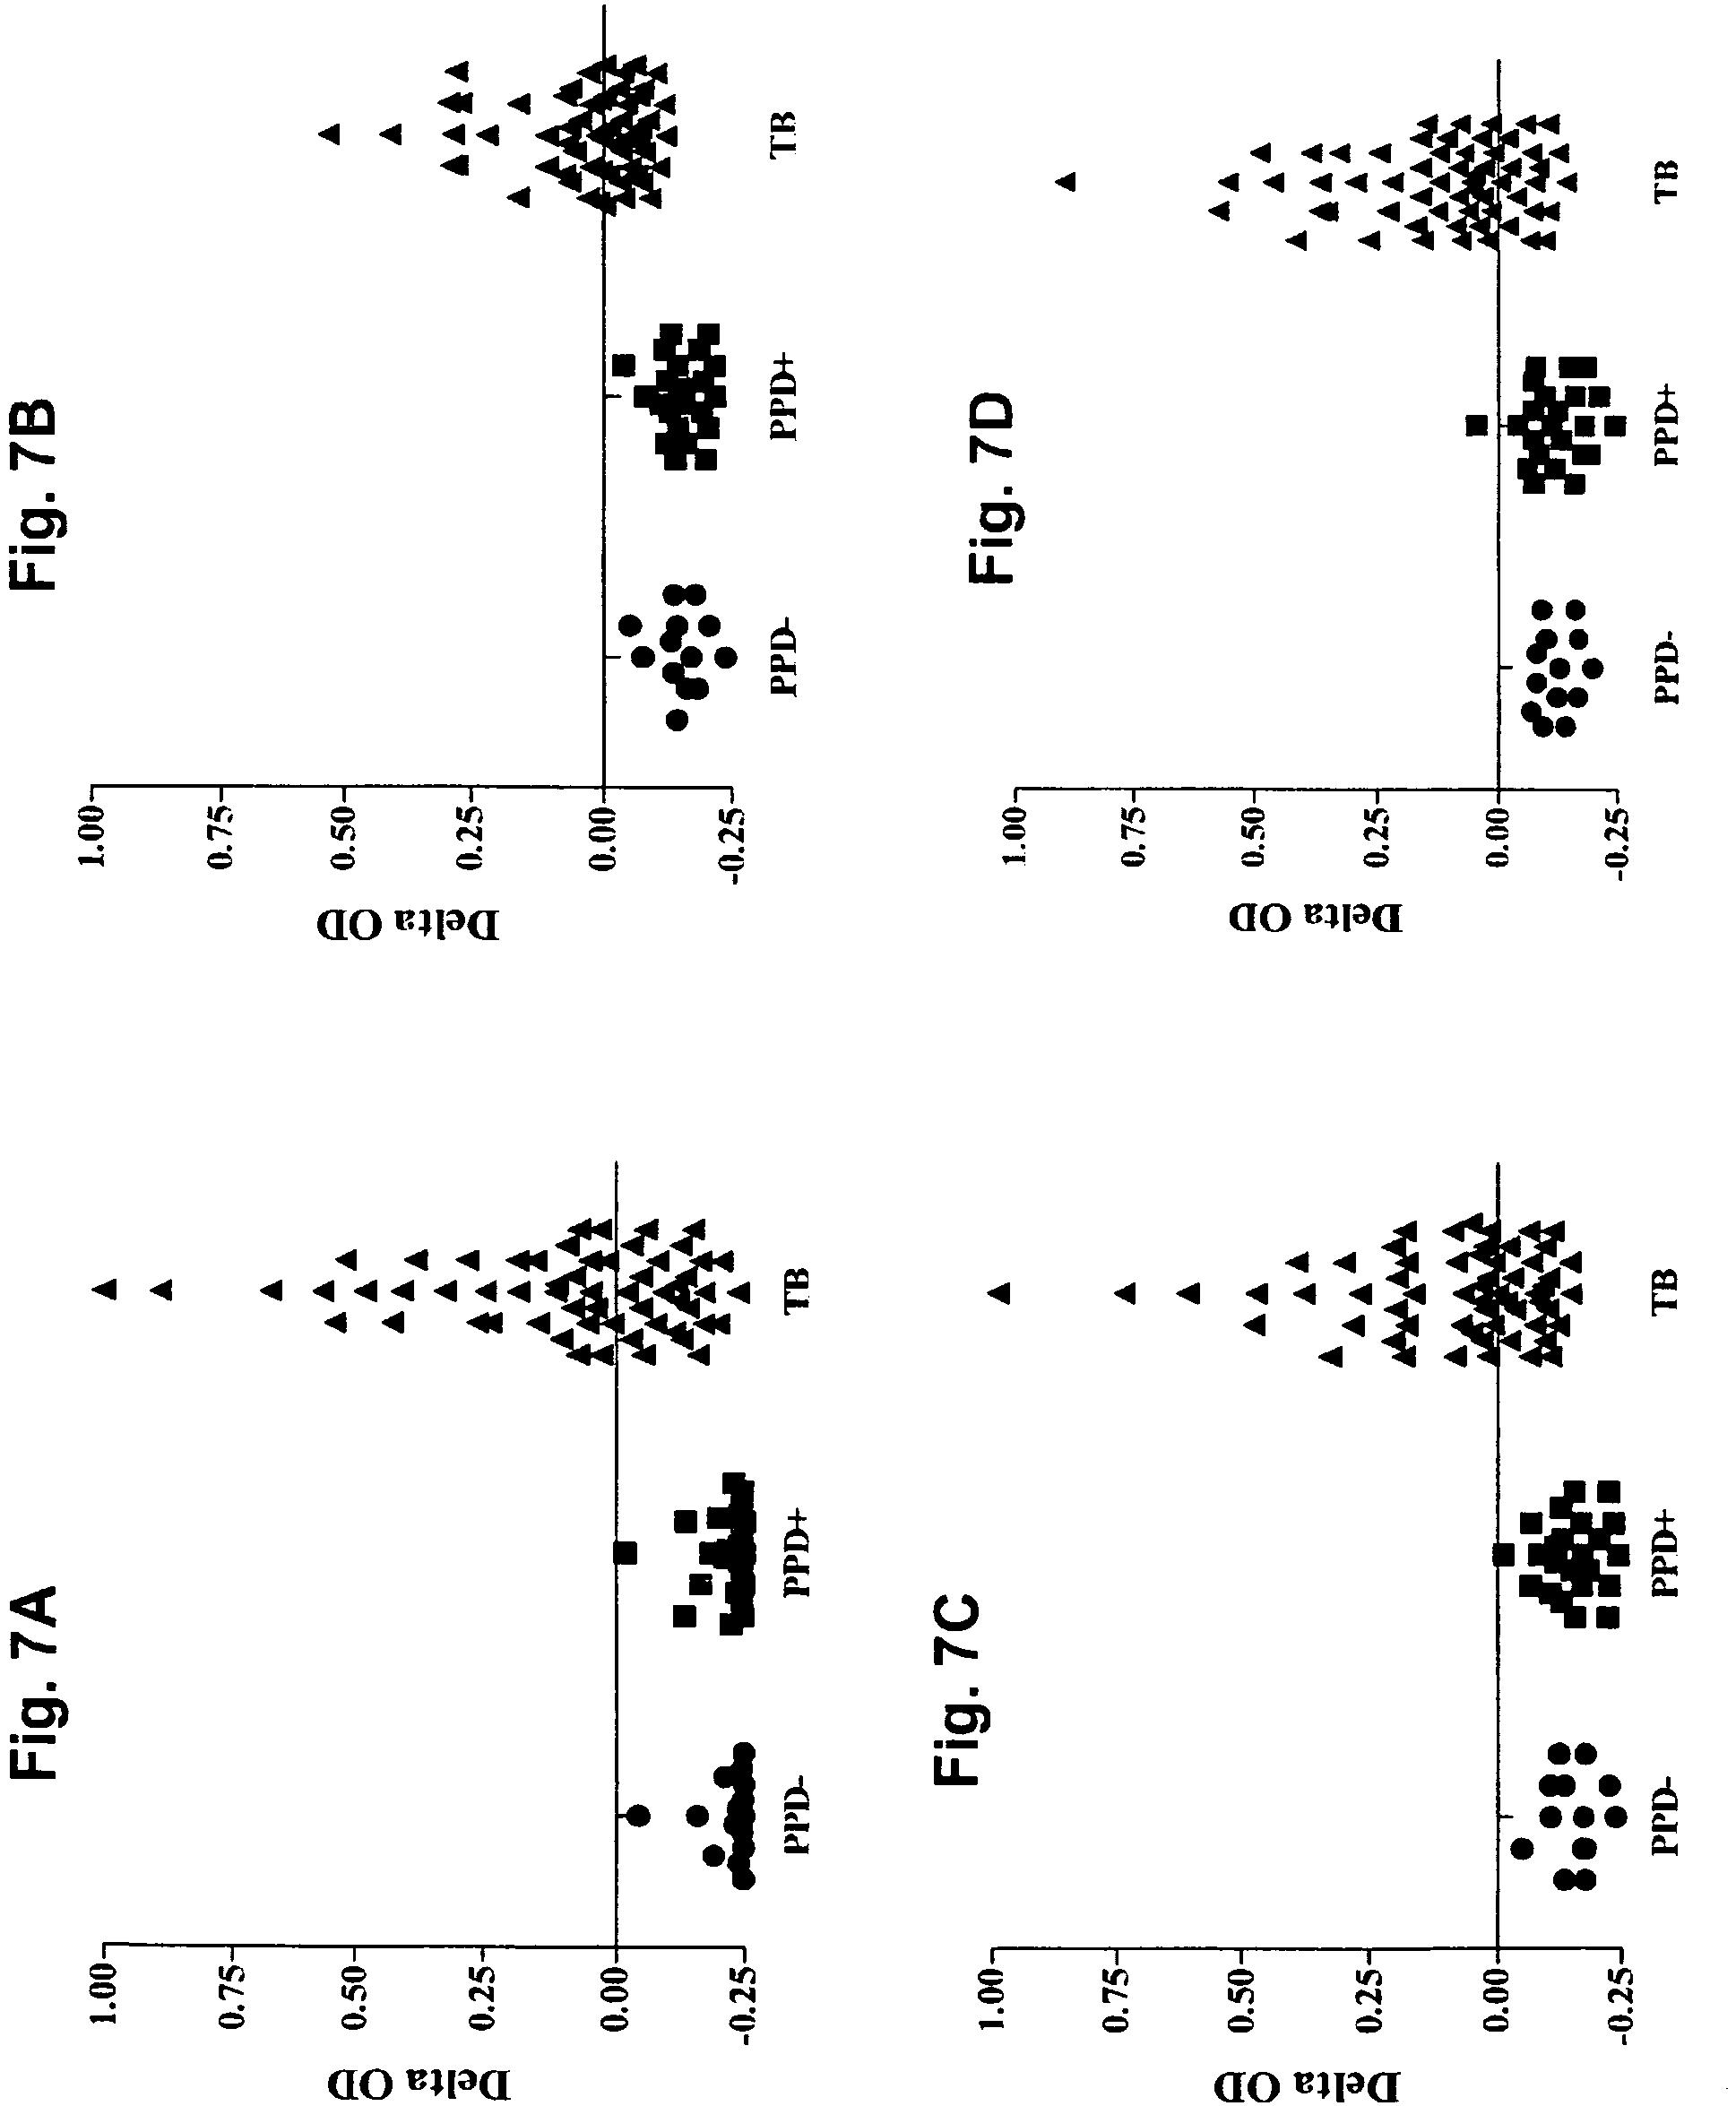 EP2281198B1 - Immunodominant mycobacterium tuberculosis